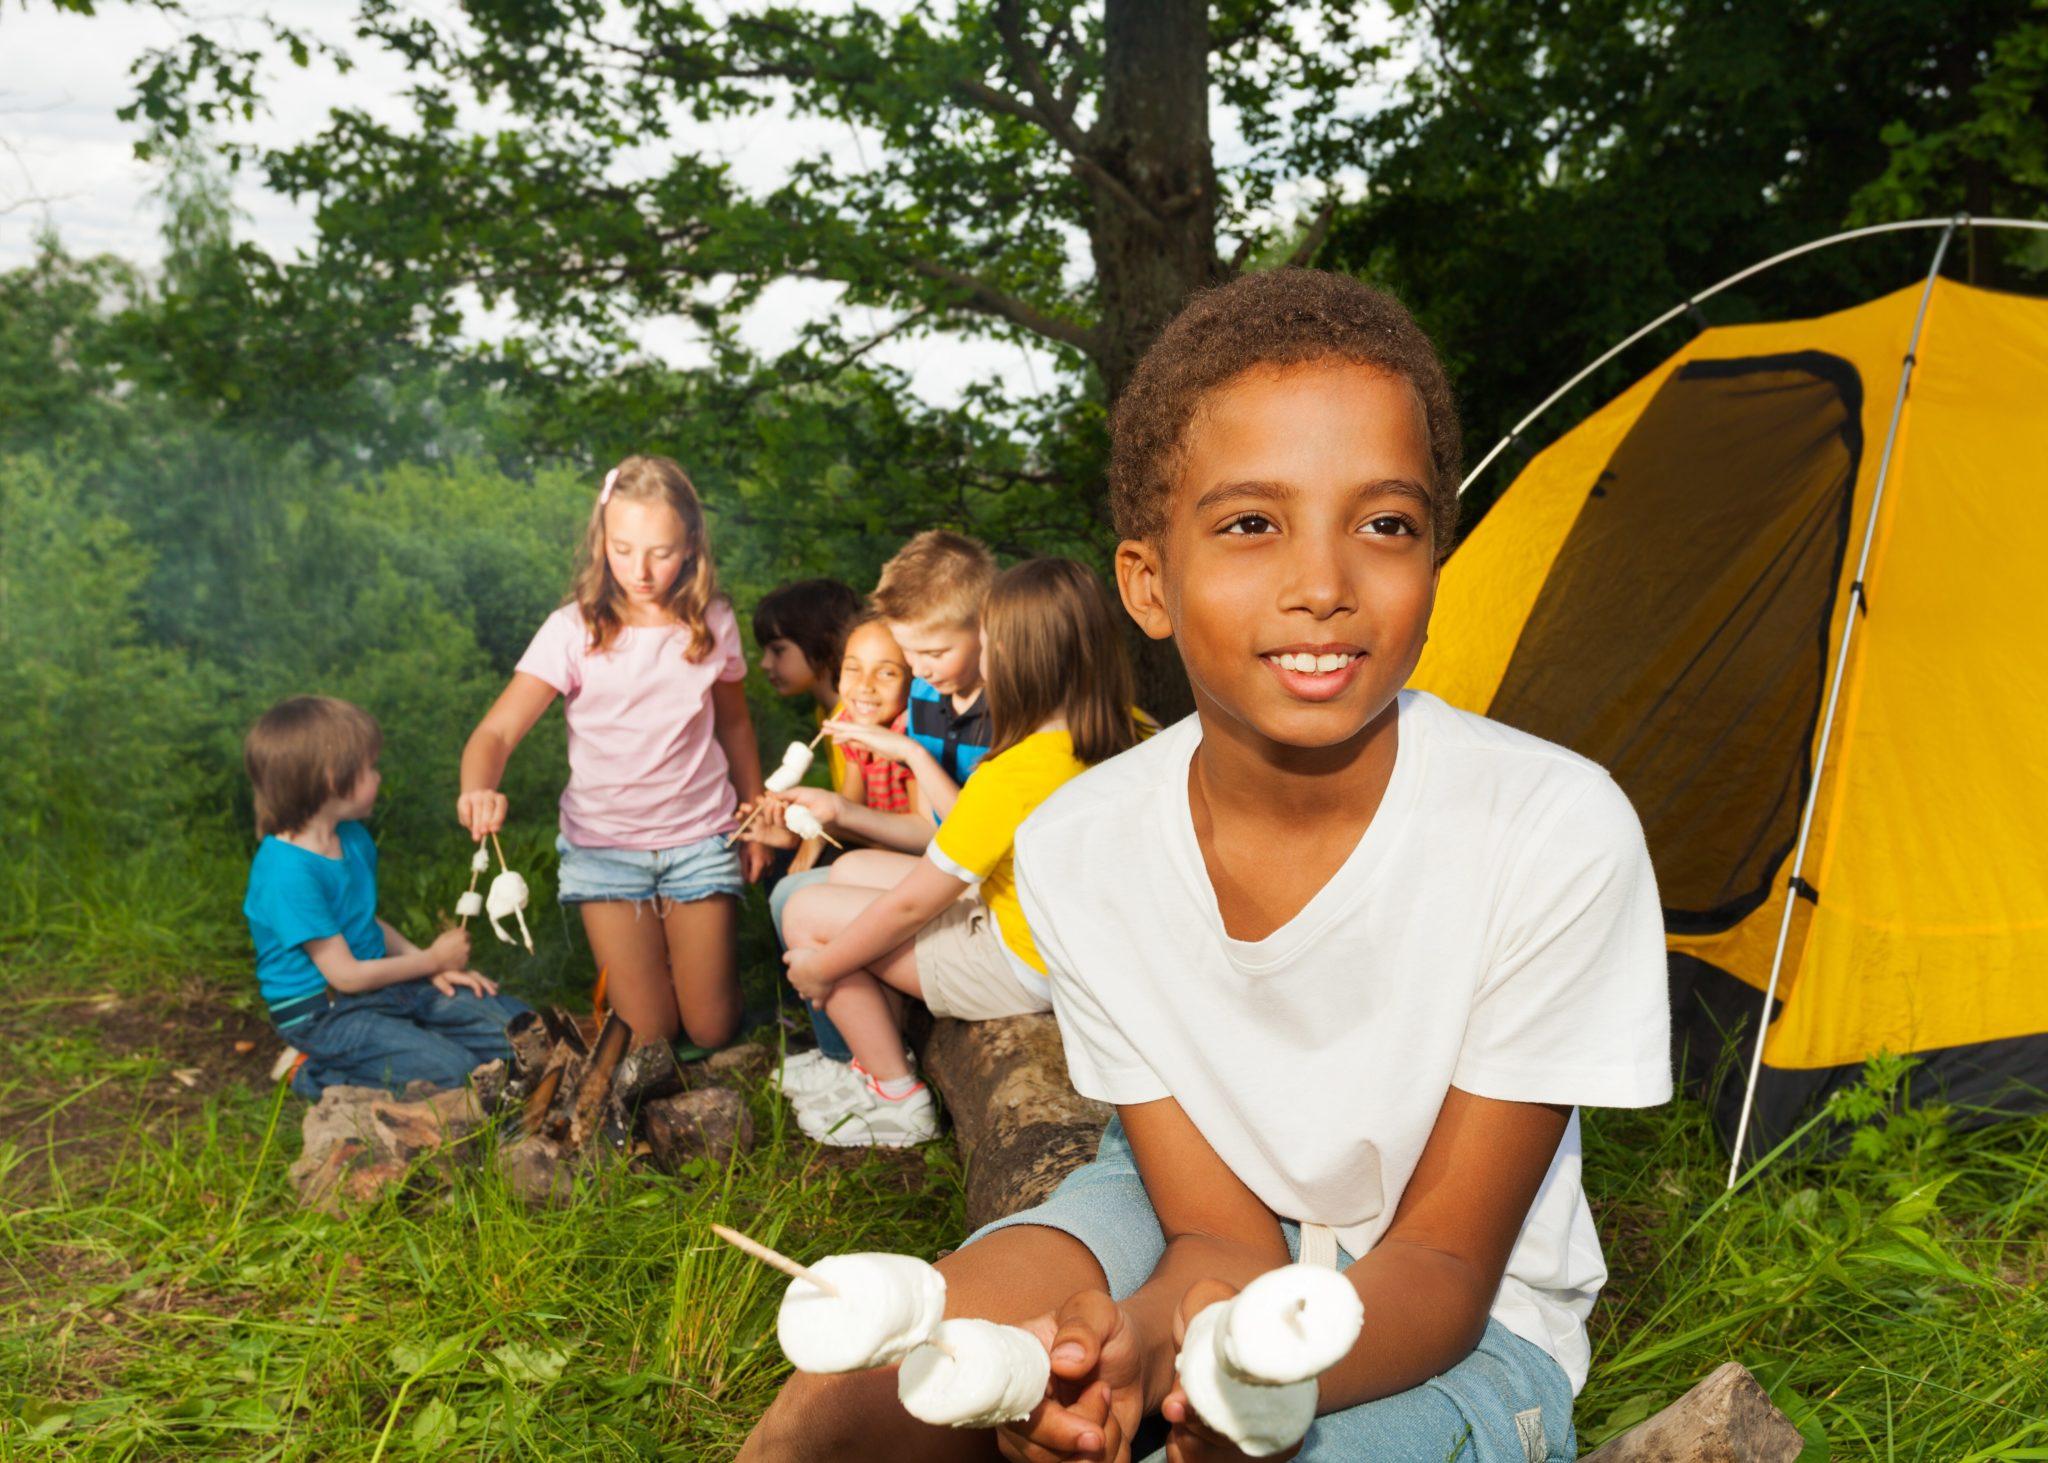 camping at home!